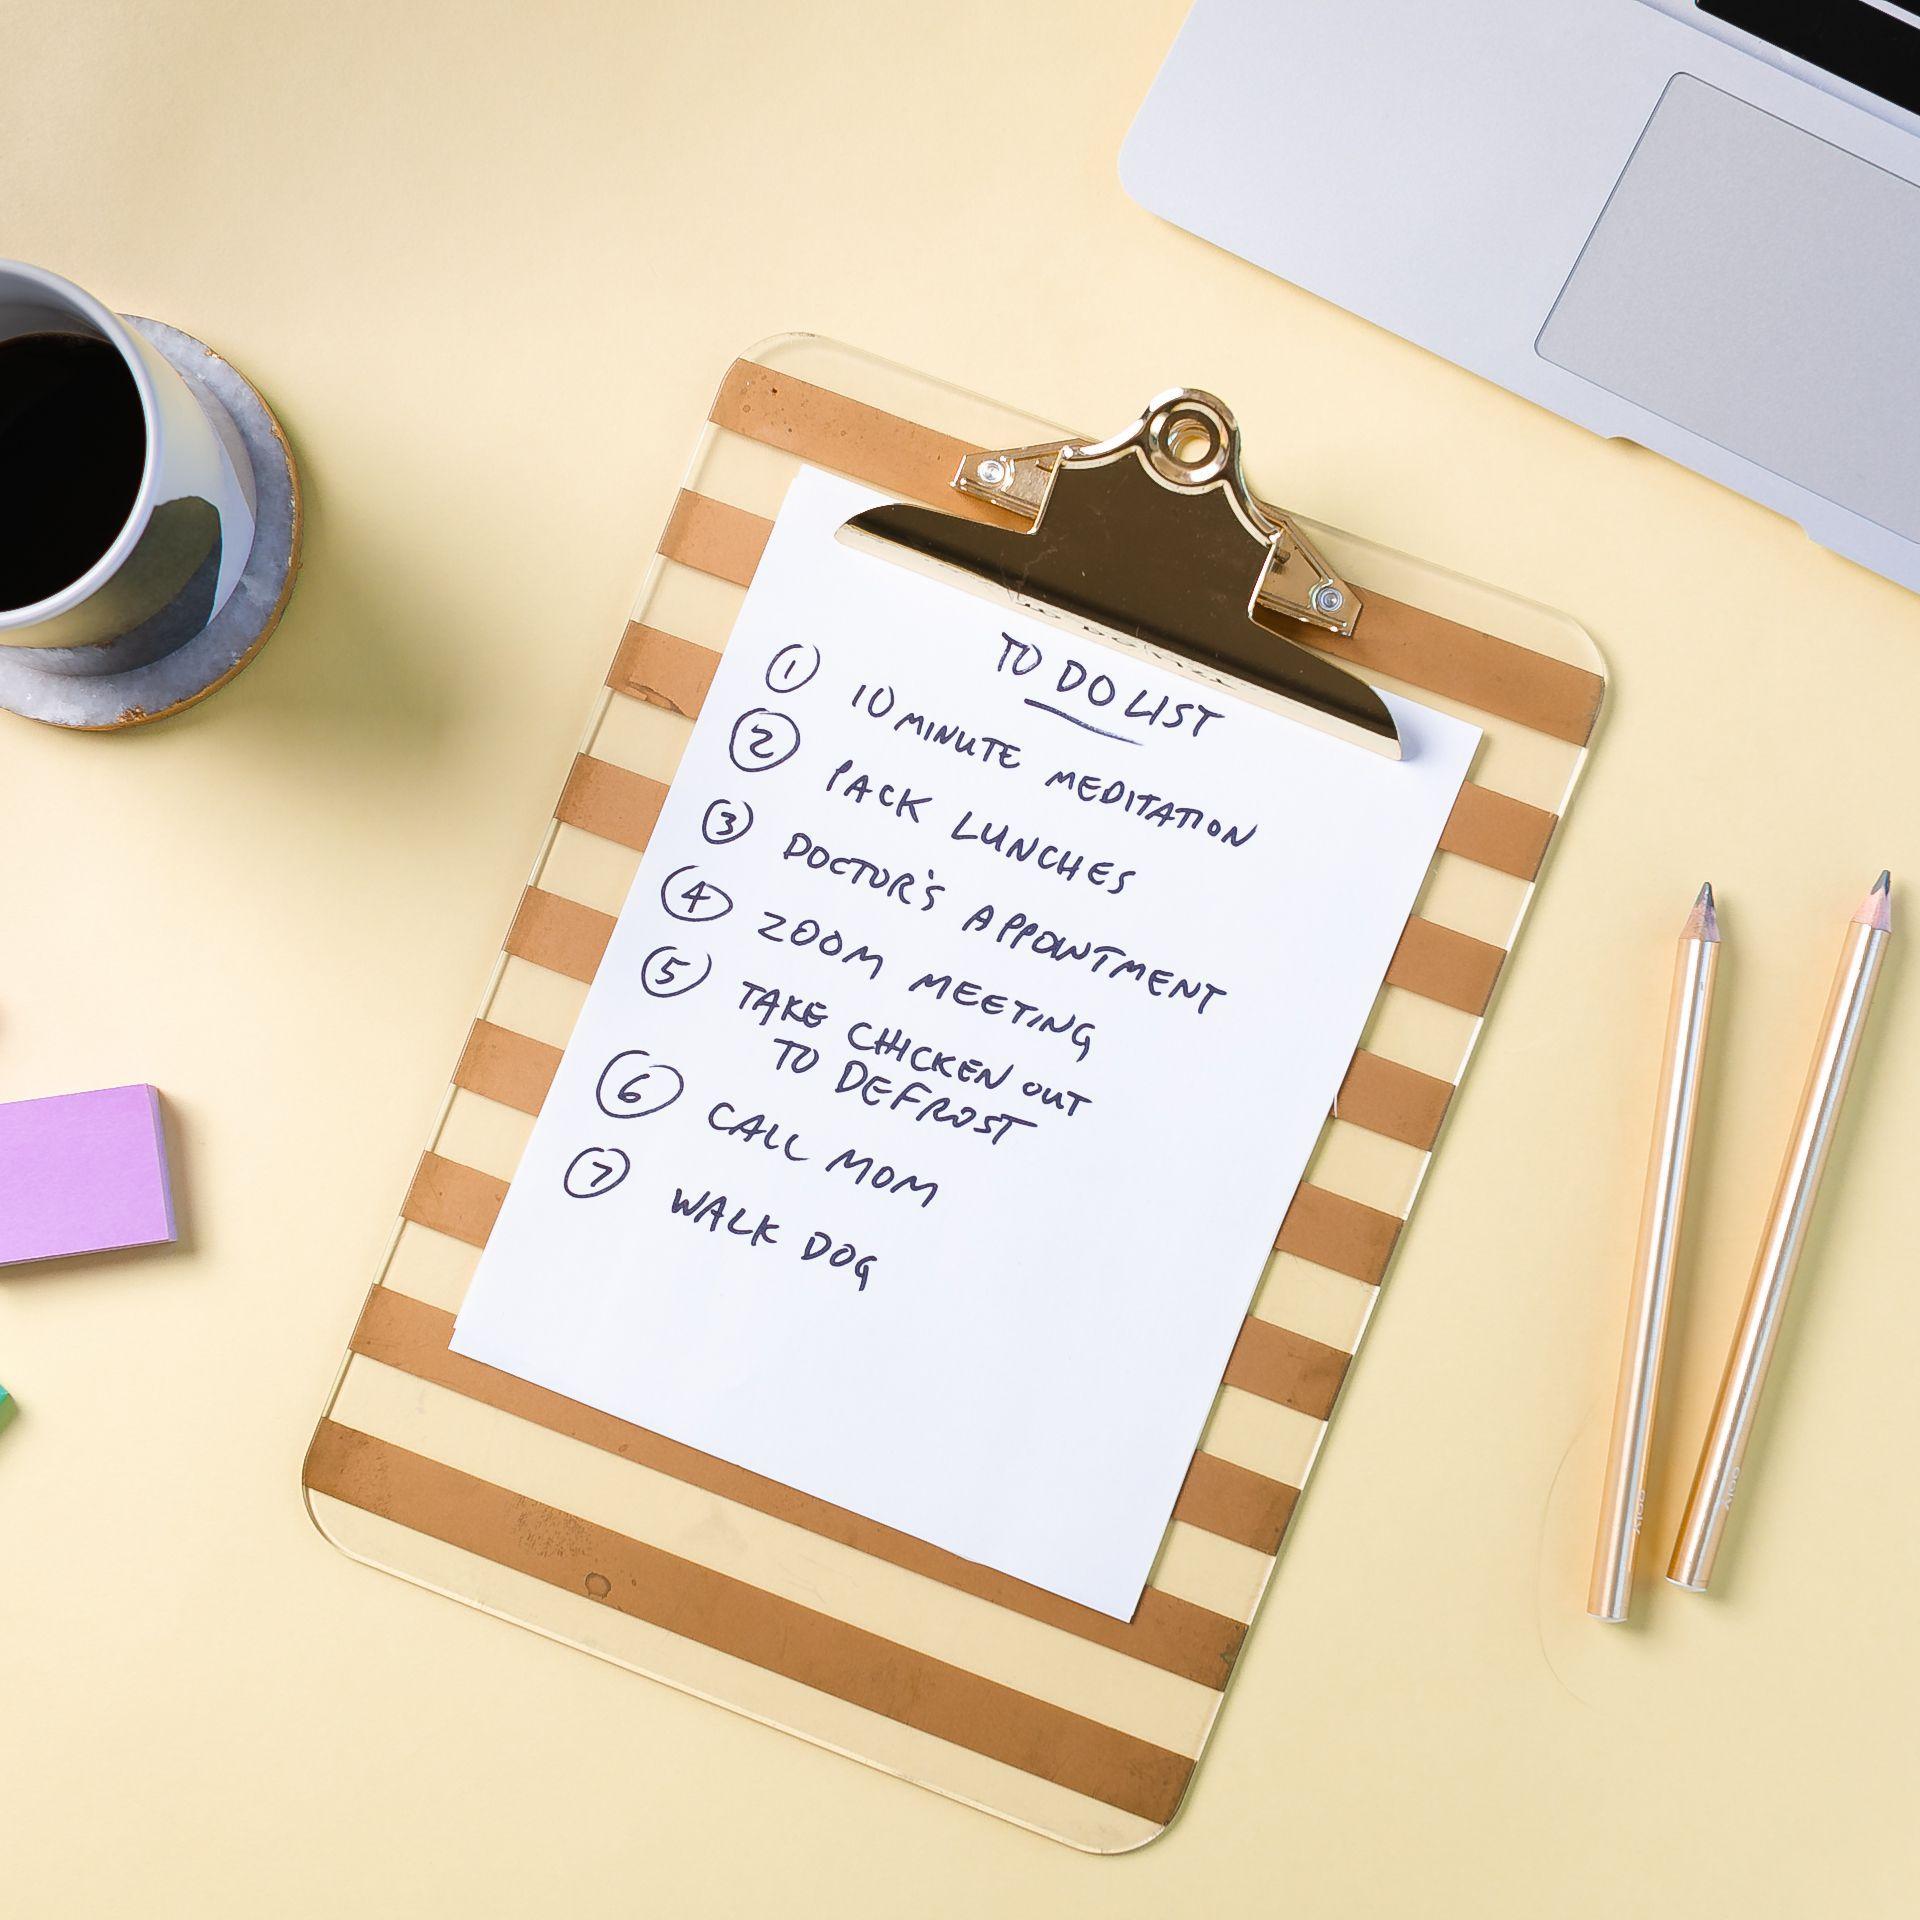 how-to-create-daily-routine-hero-9abc3e09a46b49fe85b7038f65a5abbc